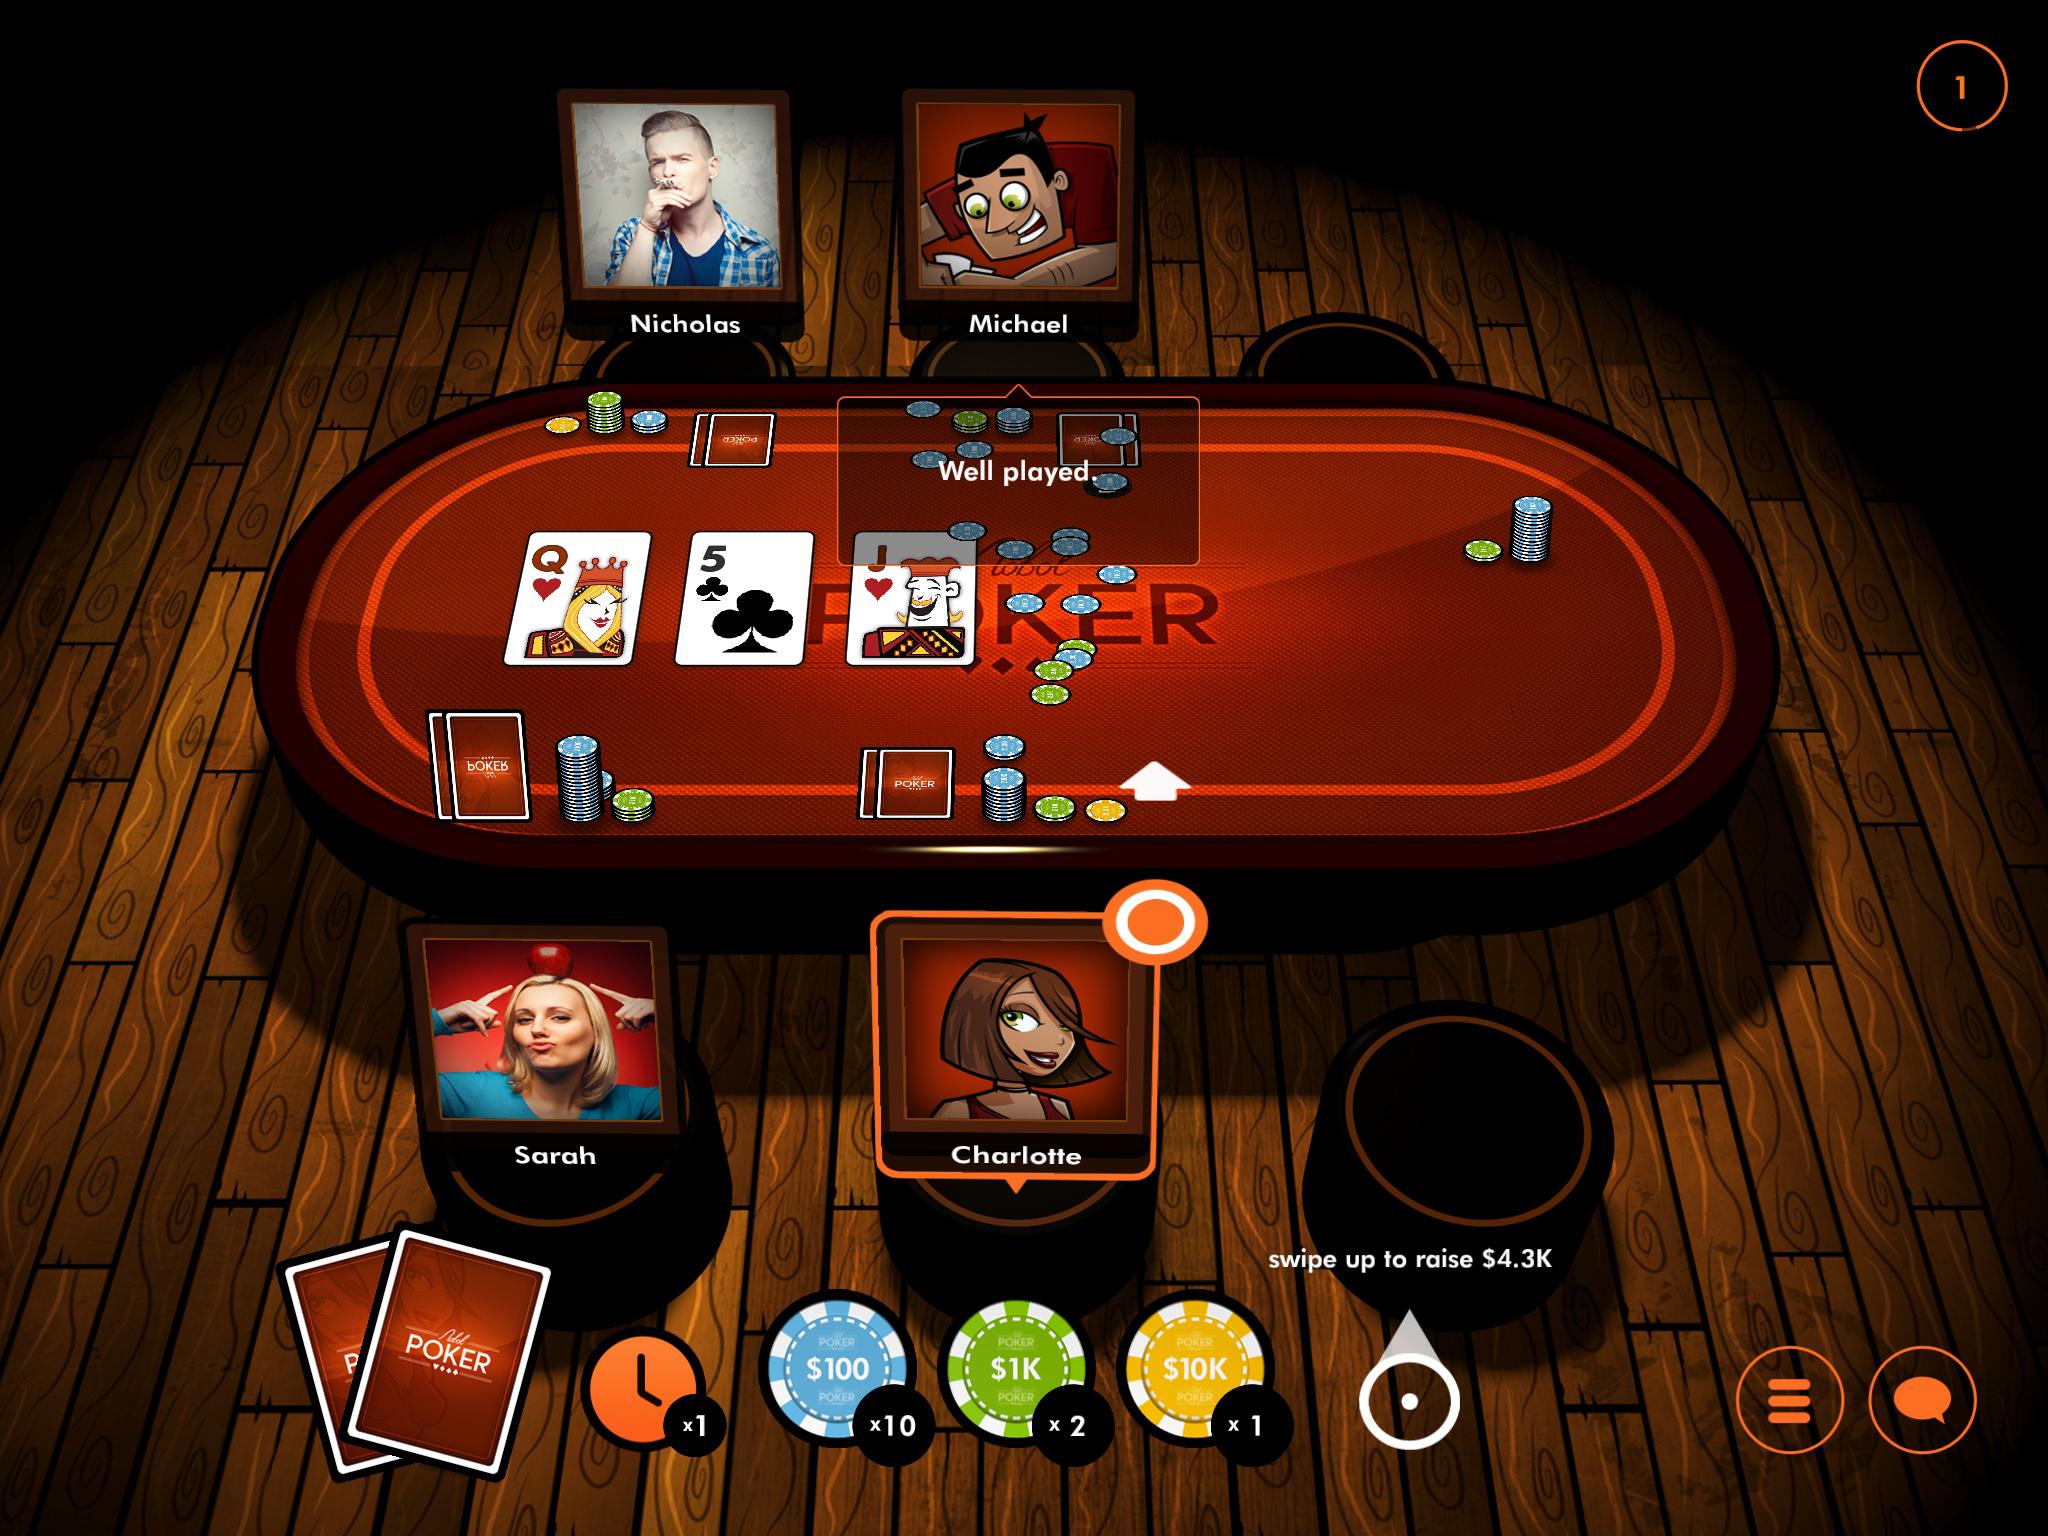 Покер онлайн с соперниками казино в солнечном берегу болгария